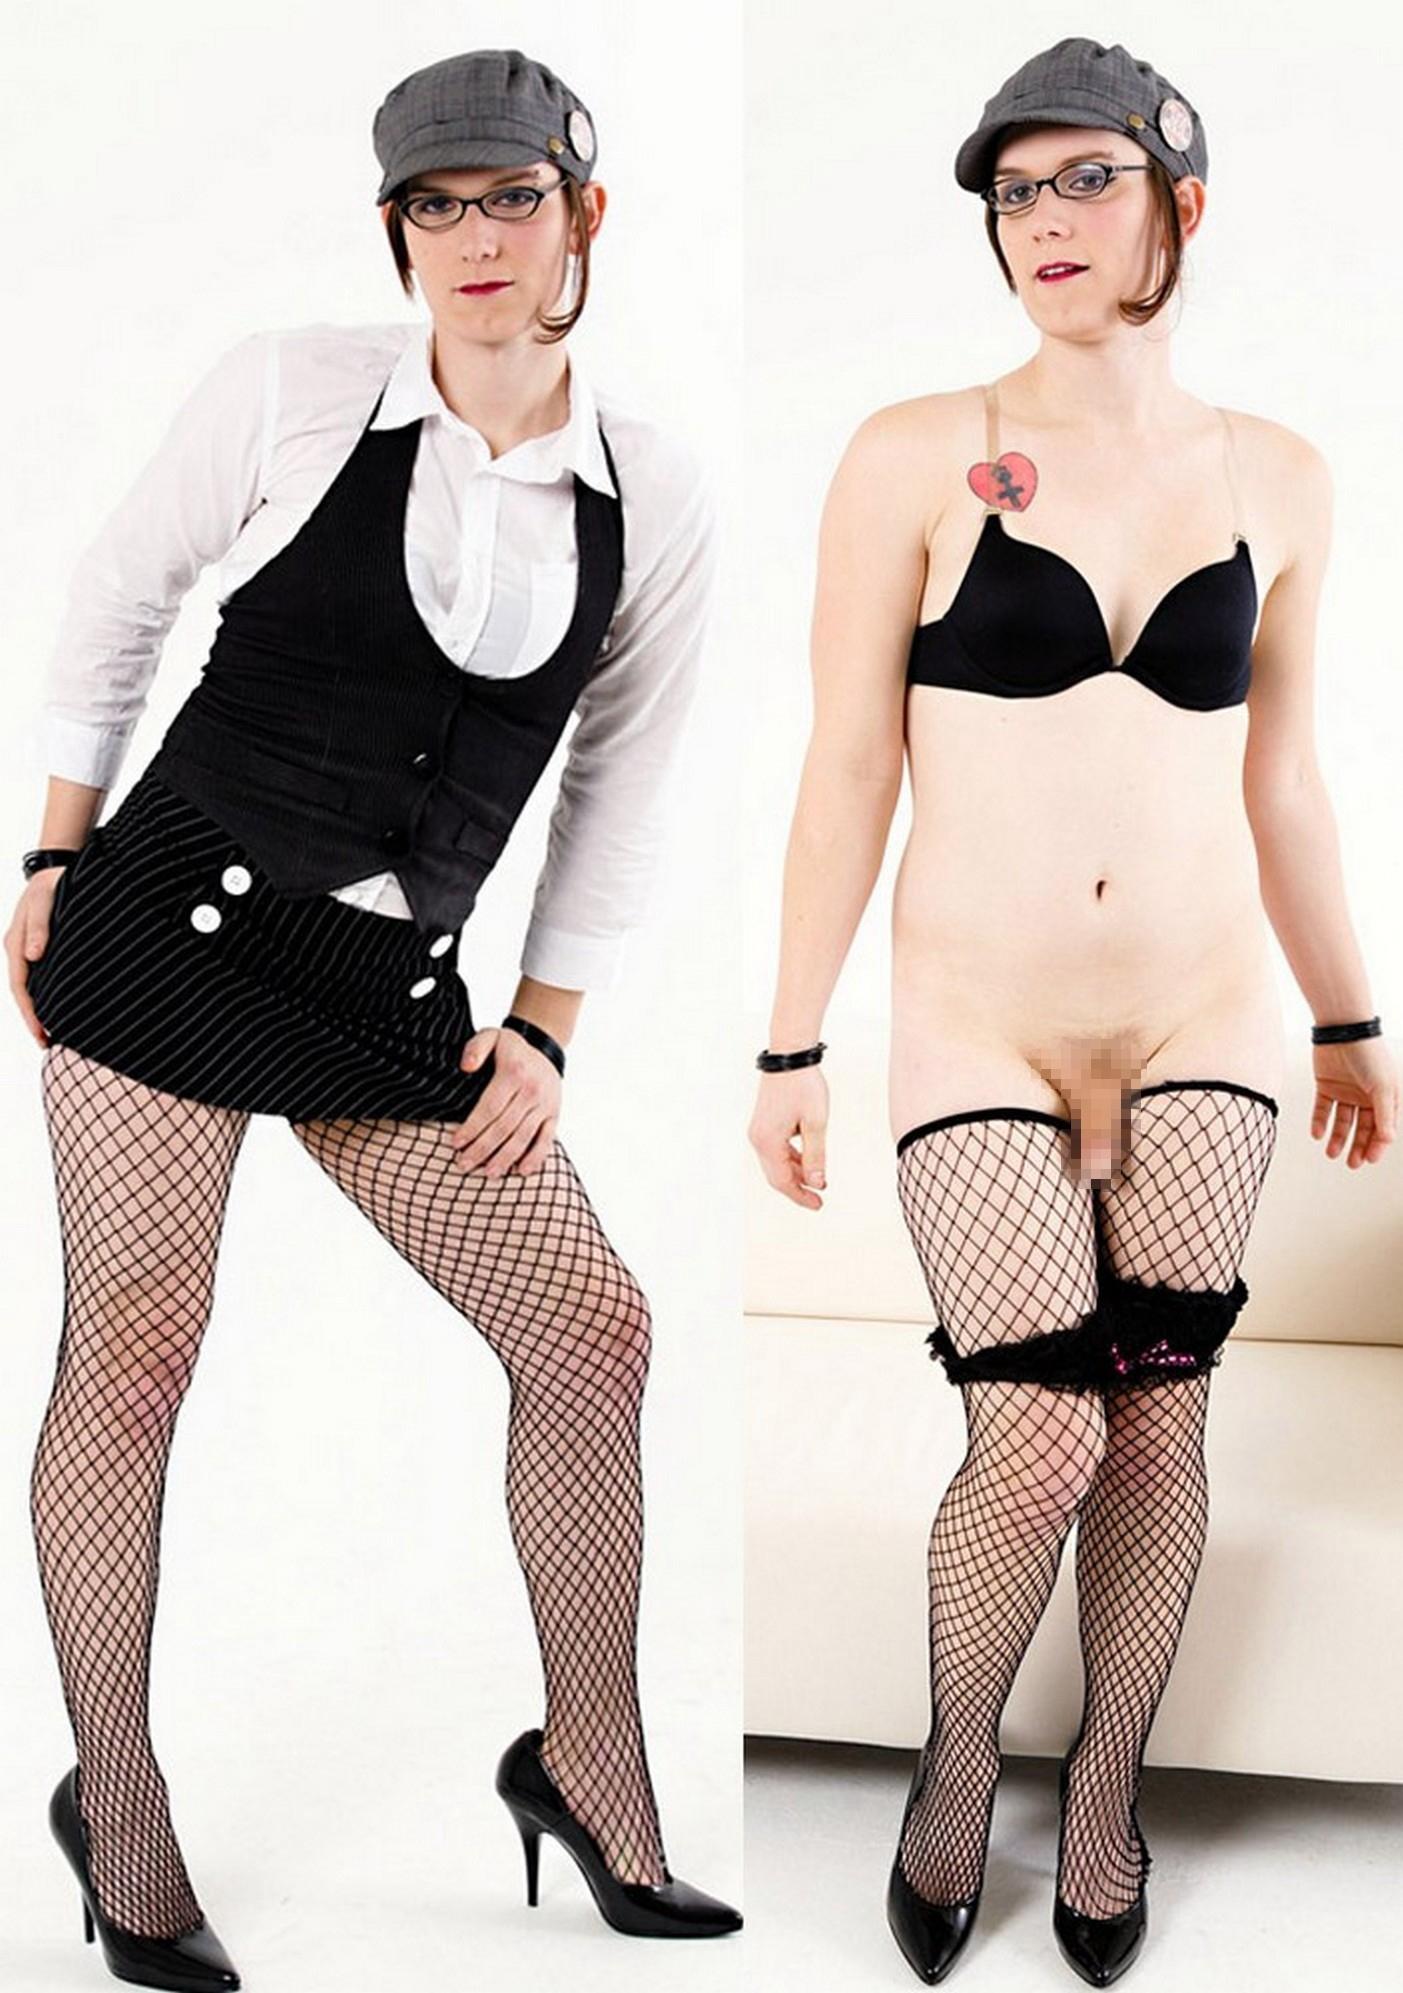 ニューハーフの私服姿と脱いだ後の比較画像スレ ←おまえらコレ見ても抱かないって言えんの???(画像あり)・5枚目